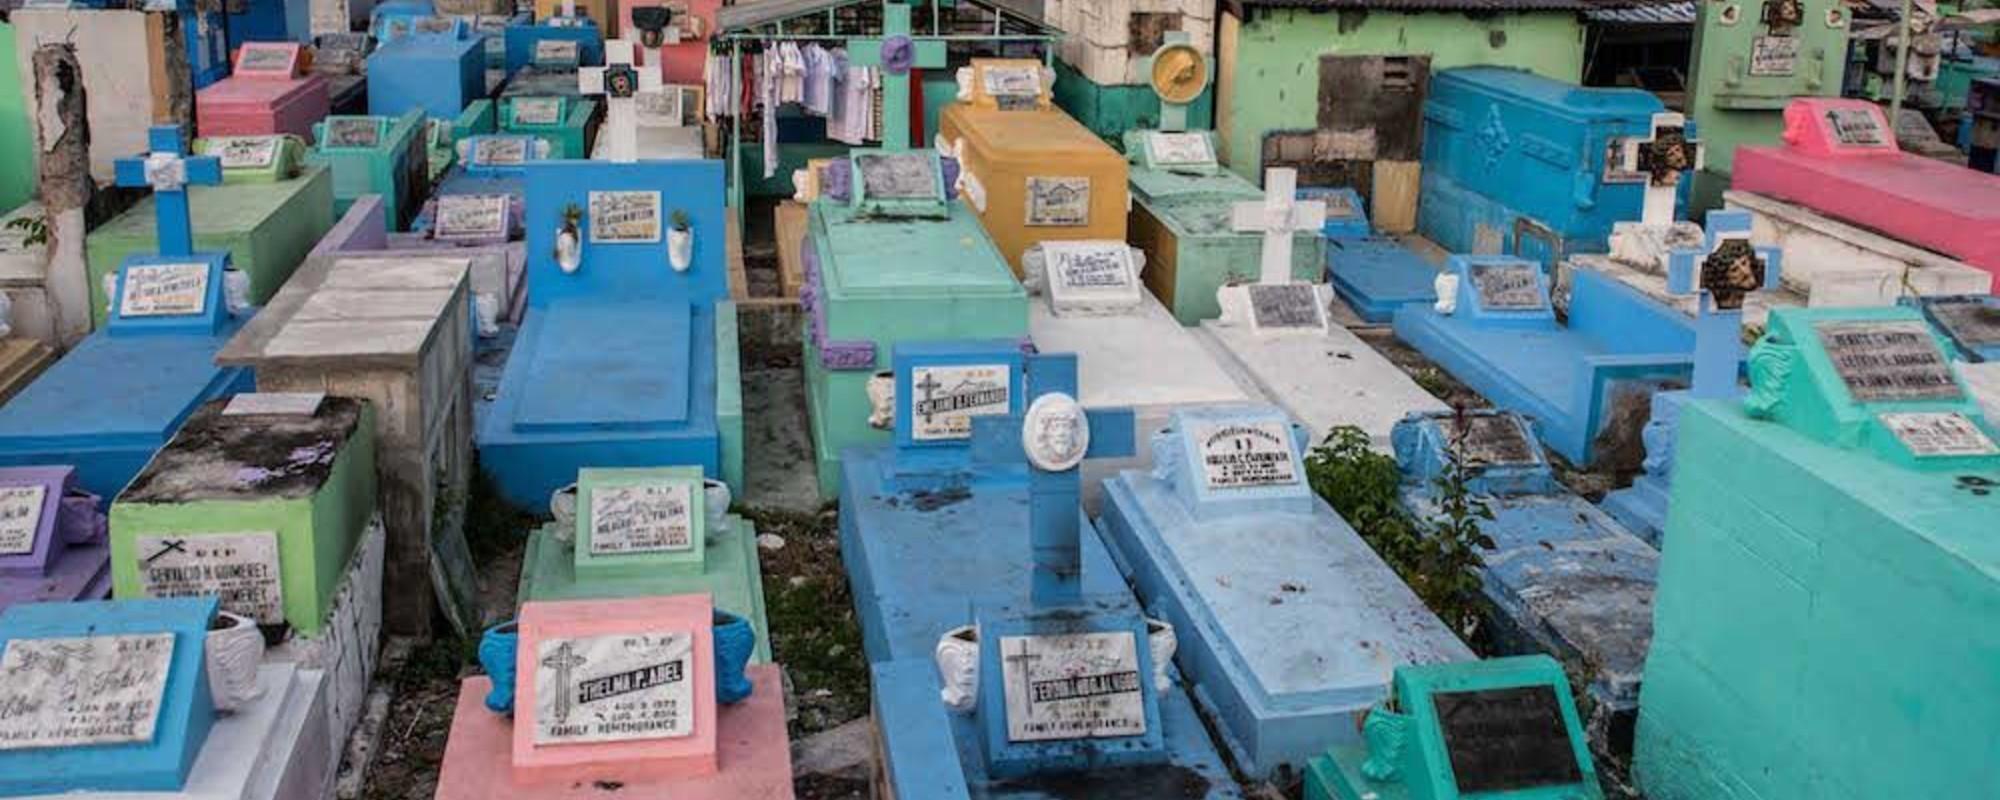 Fotos de un barrio en el interior de un cementerio filipino